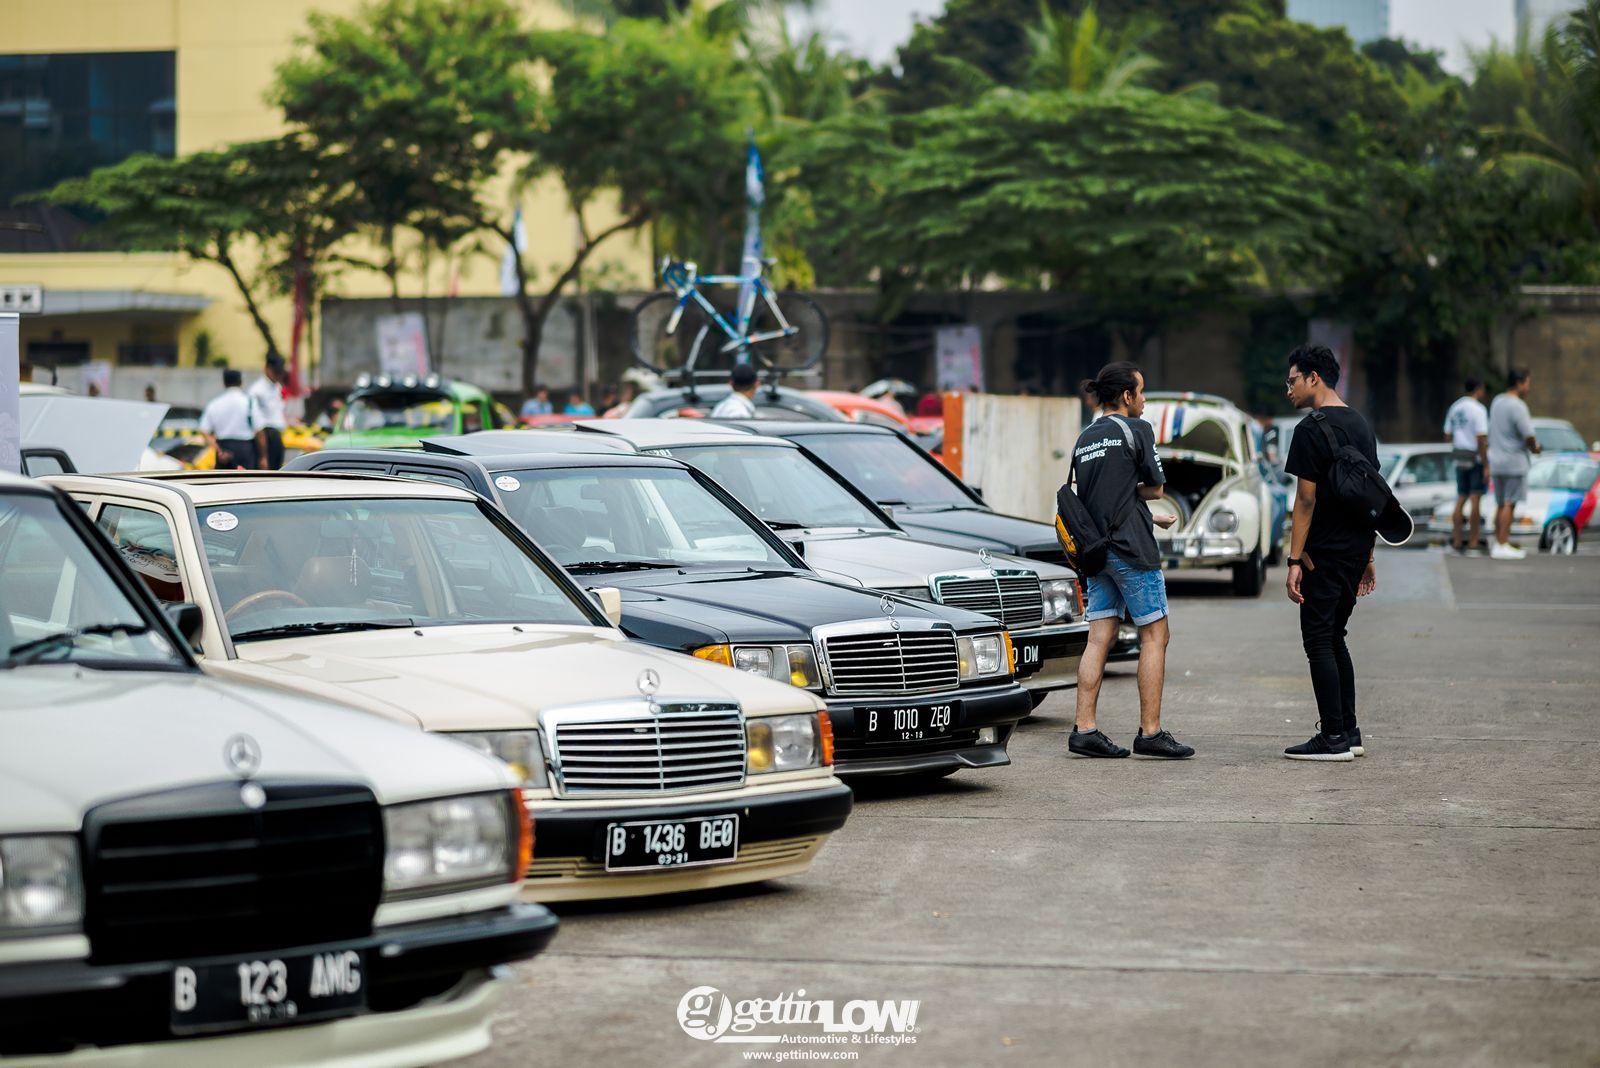 Gettinlow Eutrodicted 2017 Pestanya Mobil Retro Eropa Terbesar Di Indonesia Mobil Retro Eropa